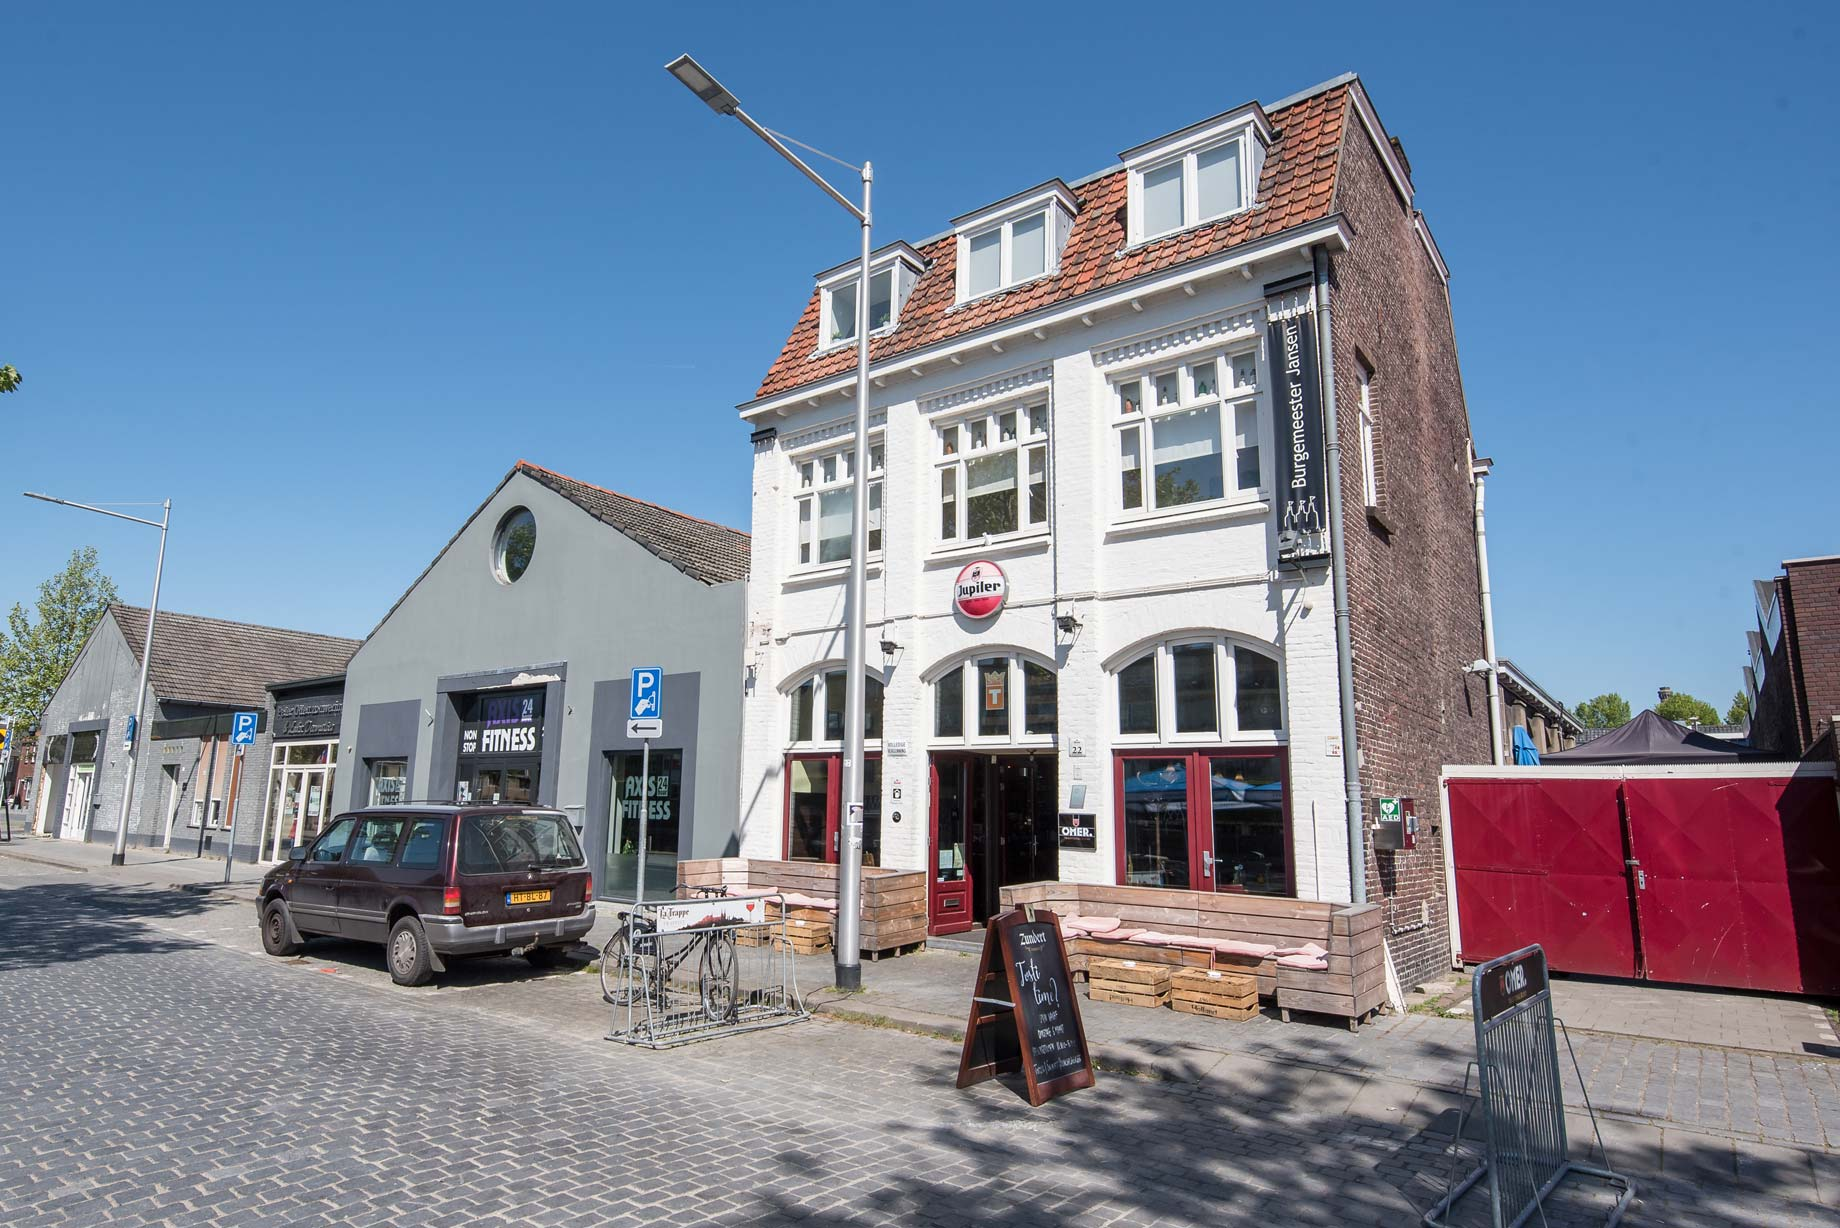 013 Straatjes - Burgemeester Jansen - Foto door William van der Voort